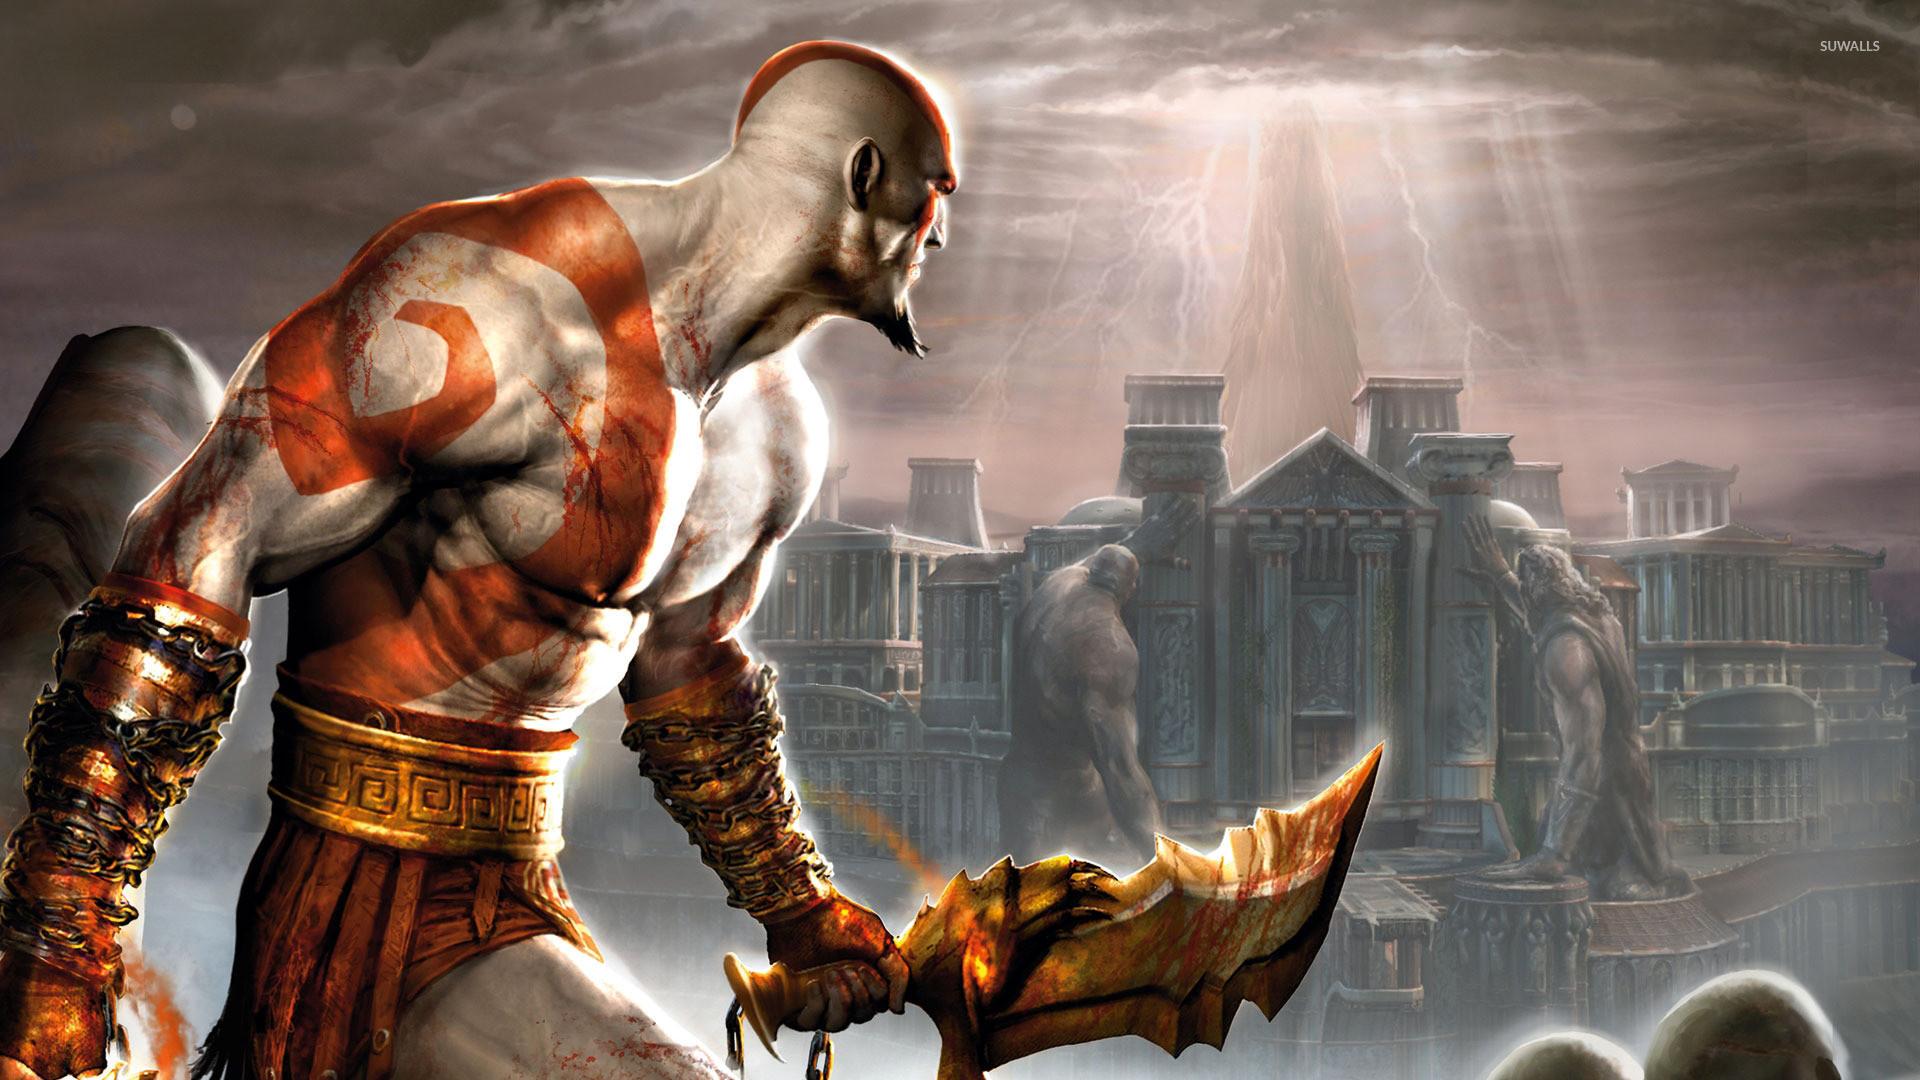 1920x1200 Kratos With A Sword